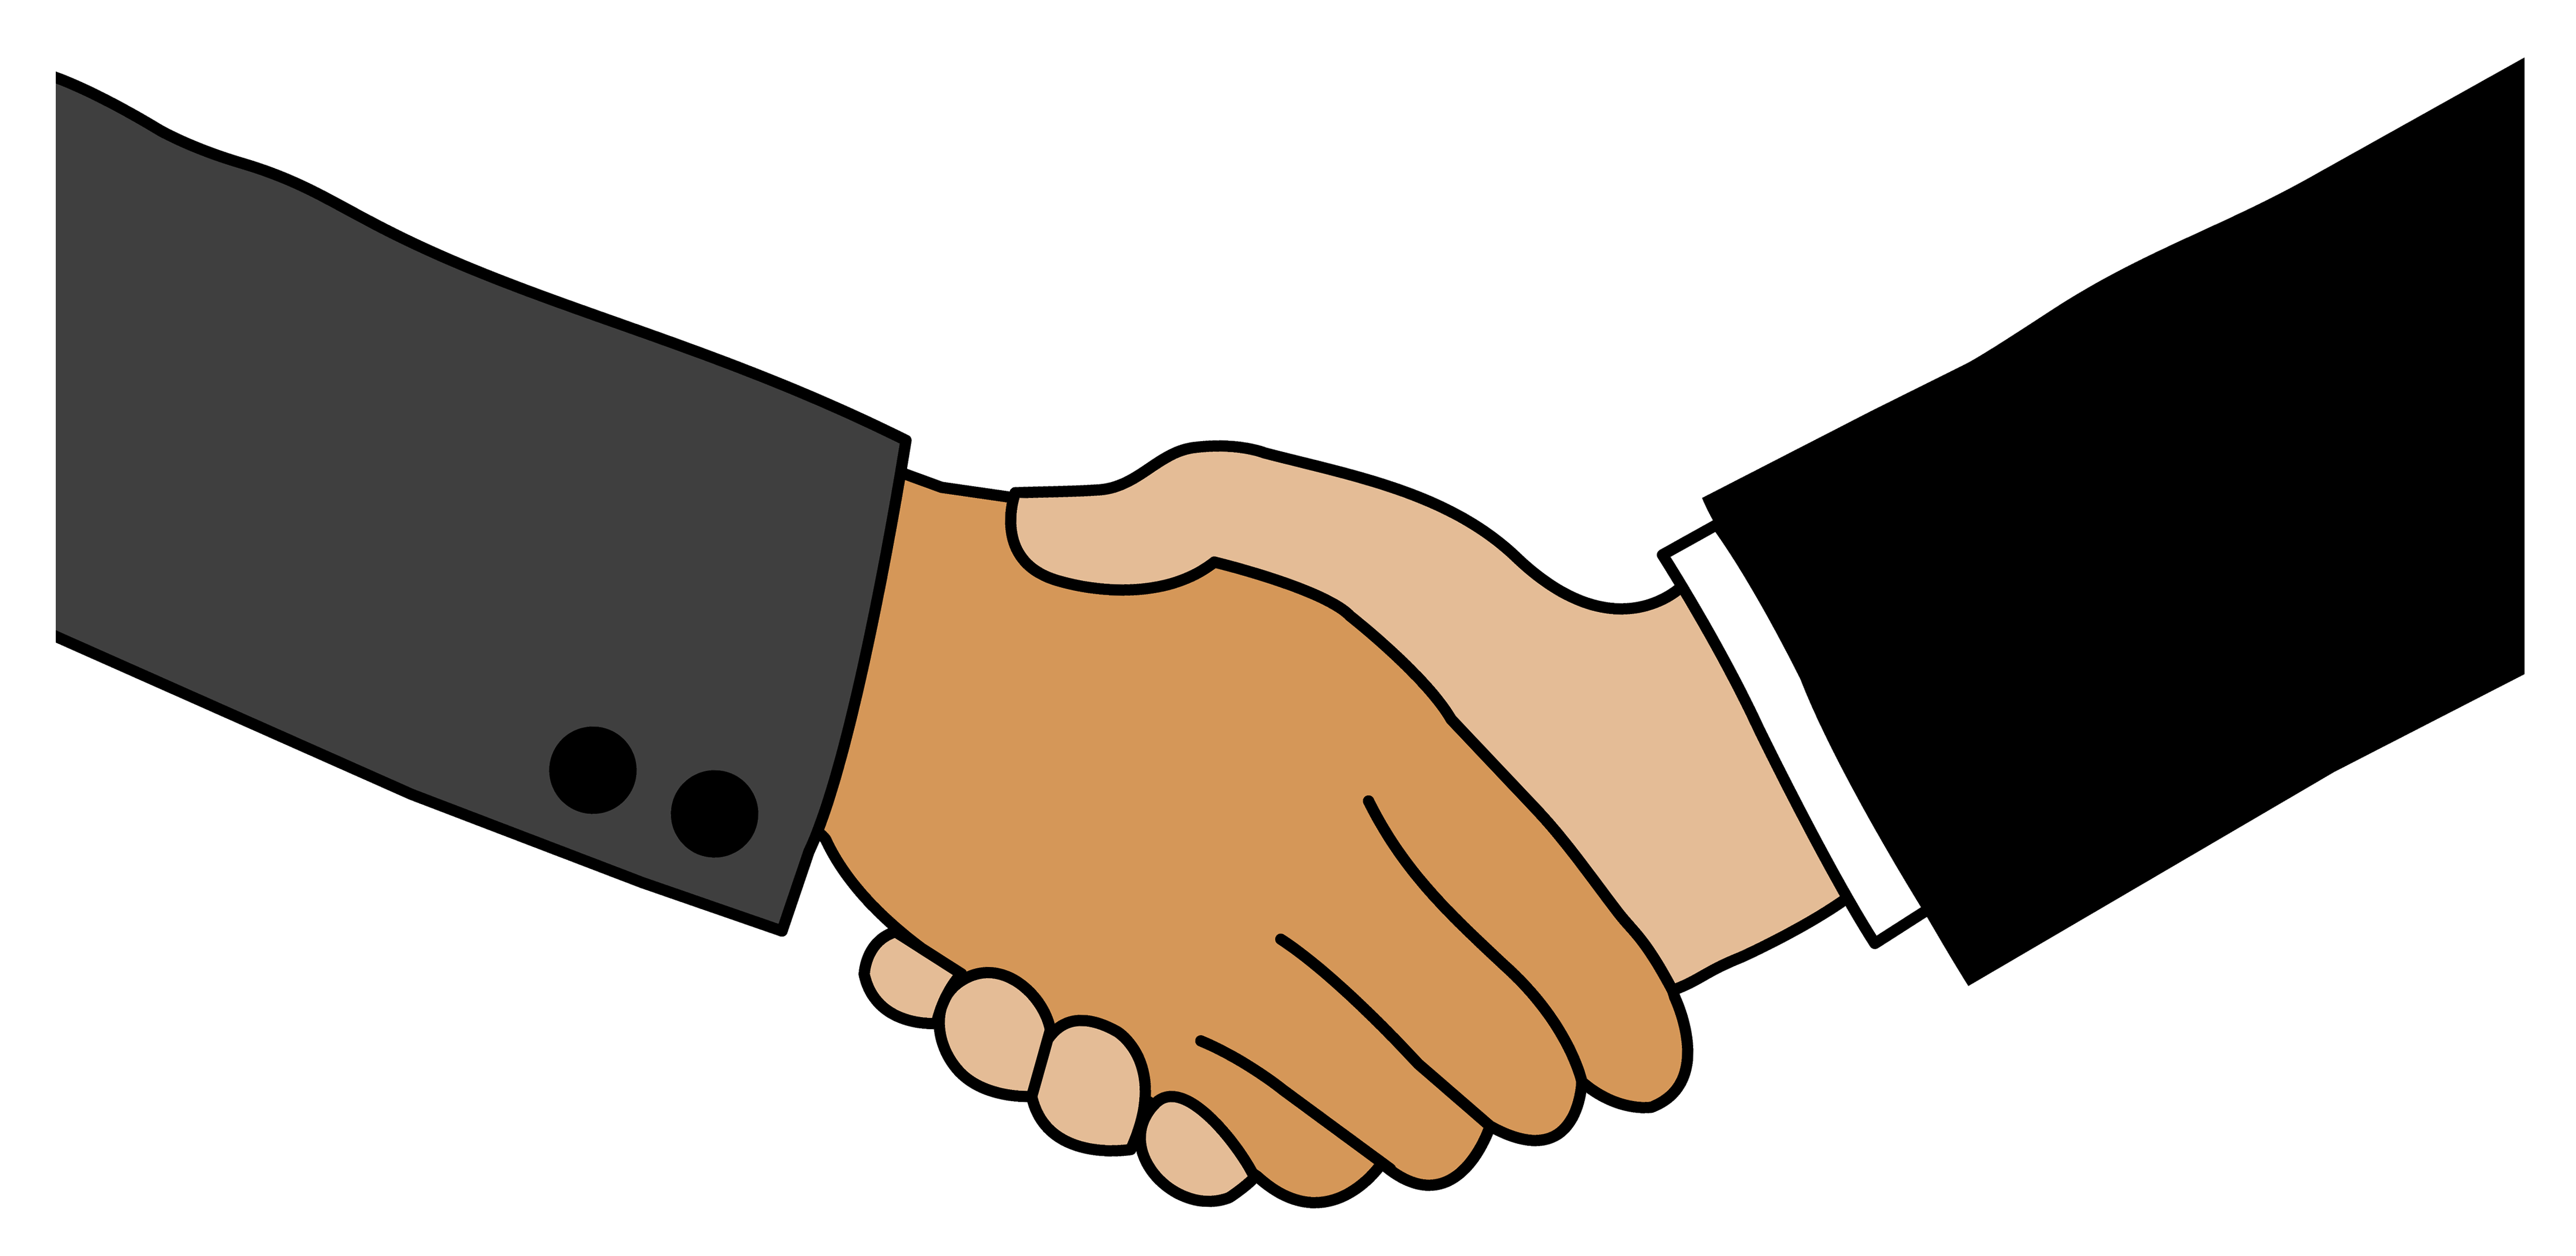 4805x2343 Business Handshake